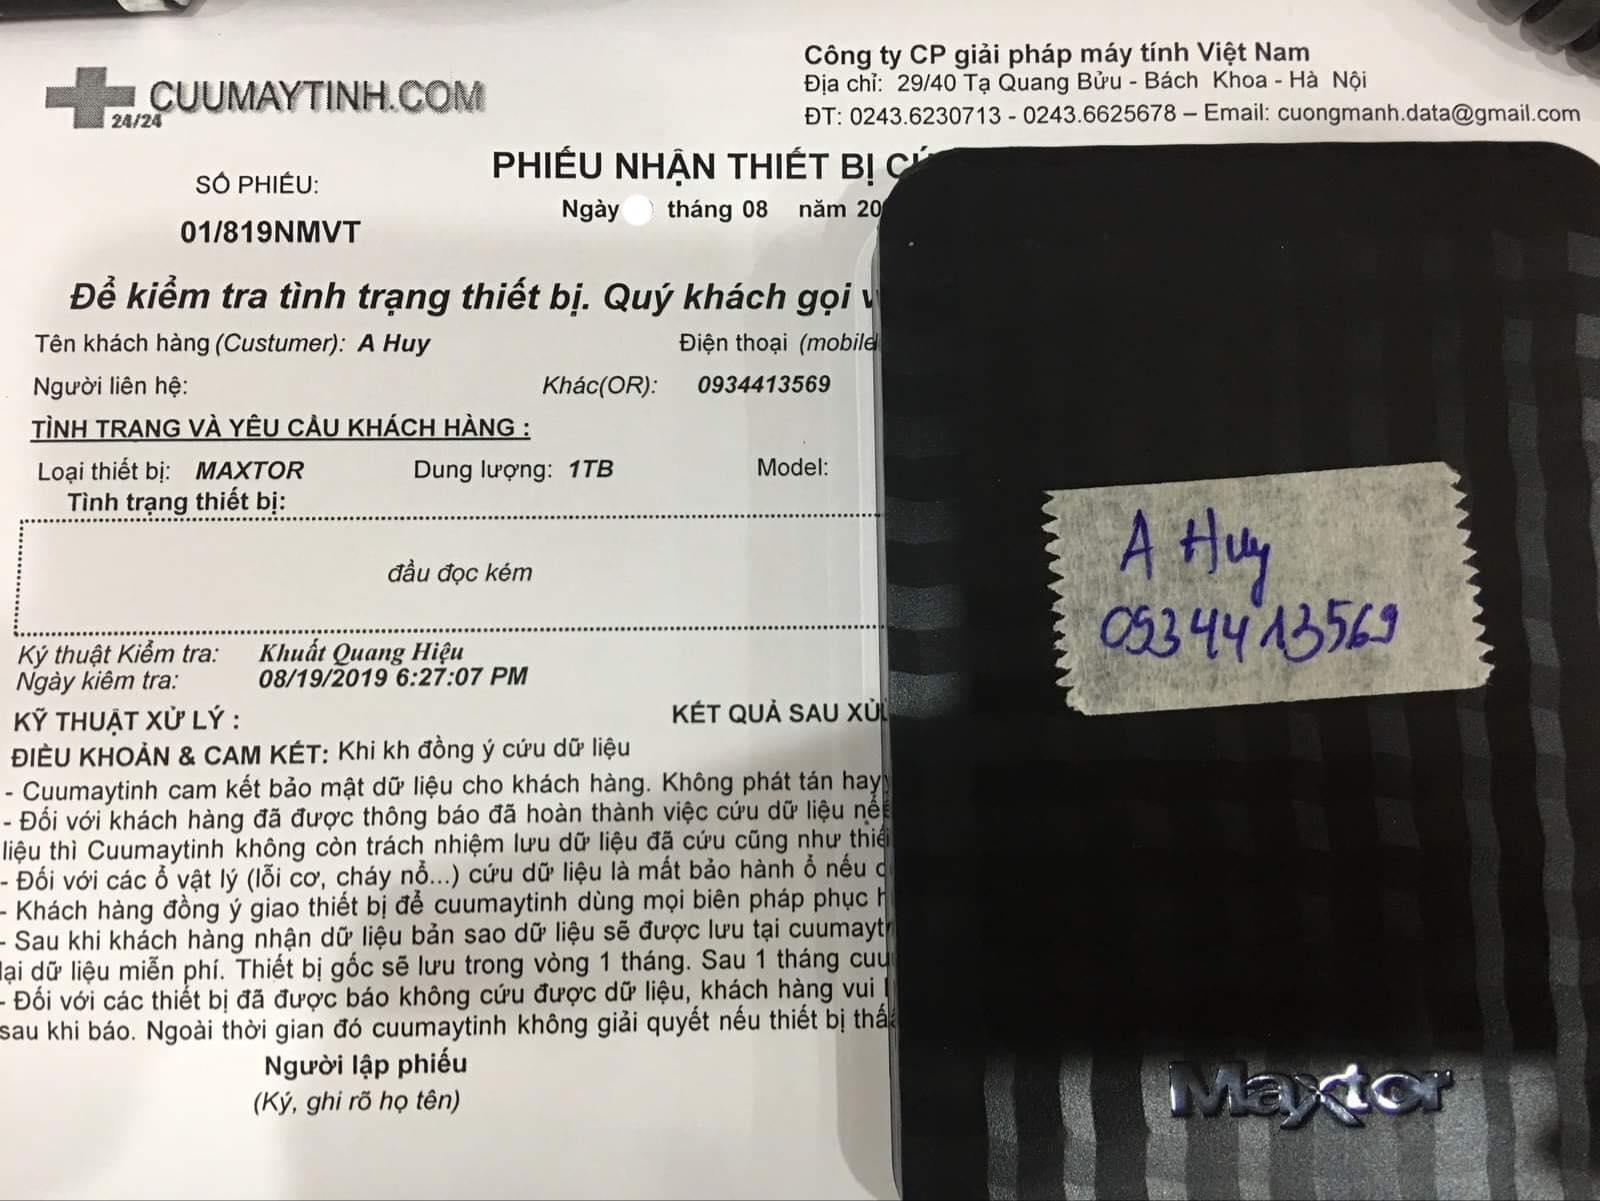 Phục hồi dữ liệu ổ cứng Maxtor 1TB đầu đọc kém 28/08/2019 - cuumaytinh